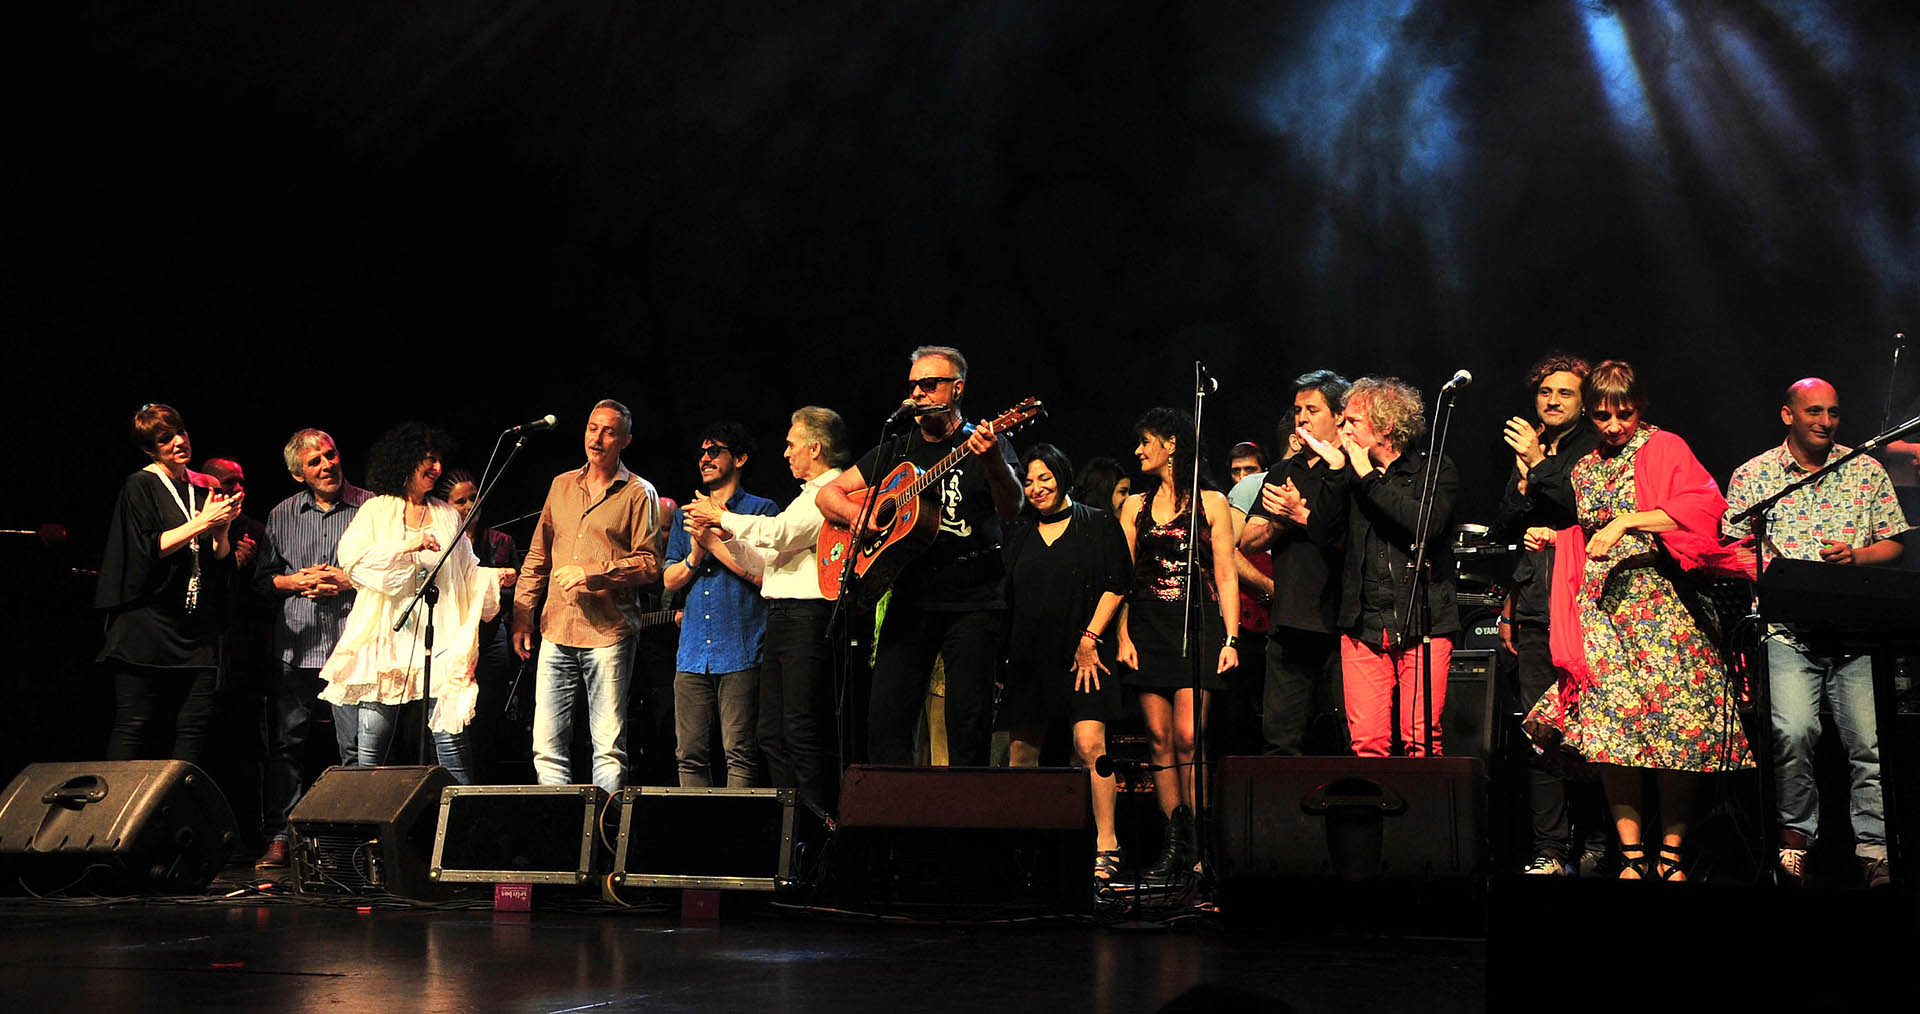 """En el teatro Opera se realizó el show solidario """"Todos por el Garrahan"""" en el que participaron artistas como León Gieco, Pedro Aznar, Hilda Lizarazu, Jairo y Julia Zenko, entre otros (Teleshow)"""